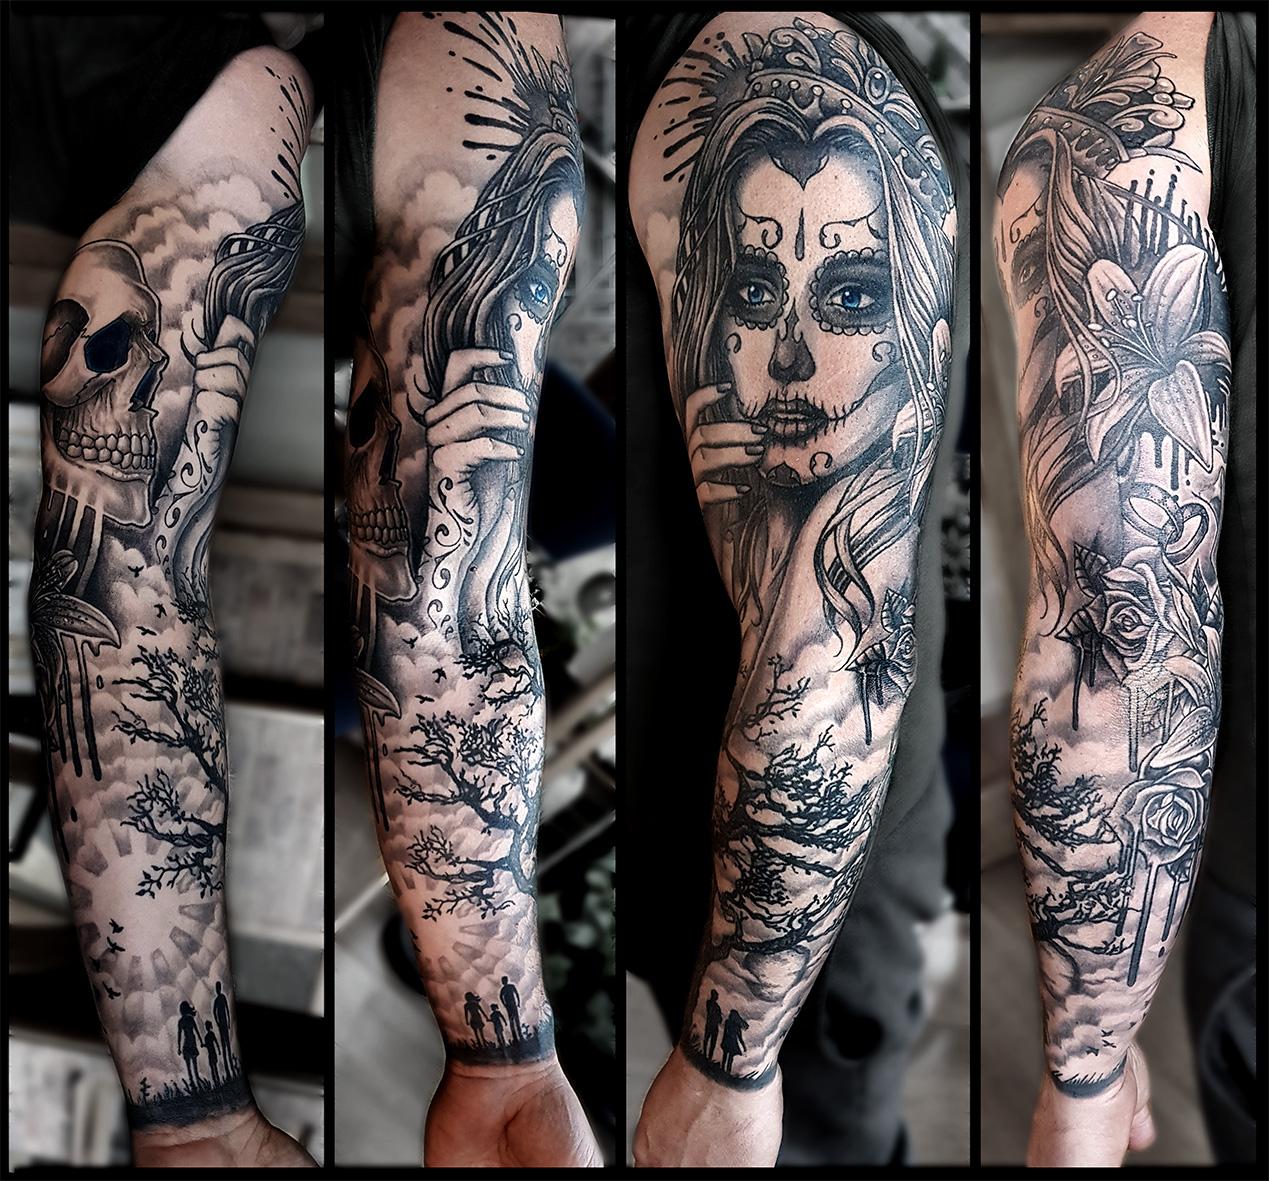 Sugar Skull Girl Tattoo Sleeve Tattoo Designs Ideas,Interior Design Light Green Living Room